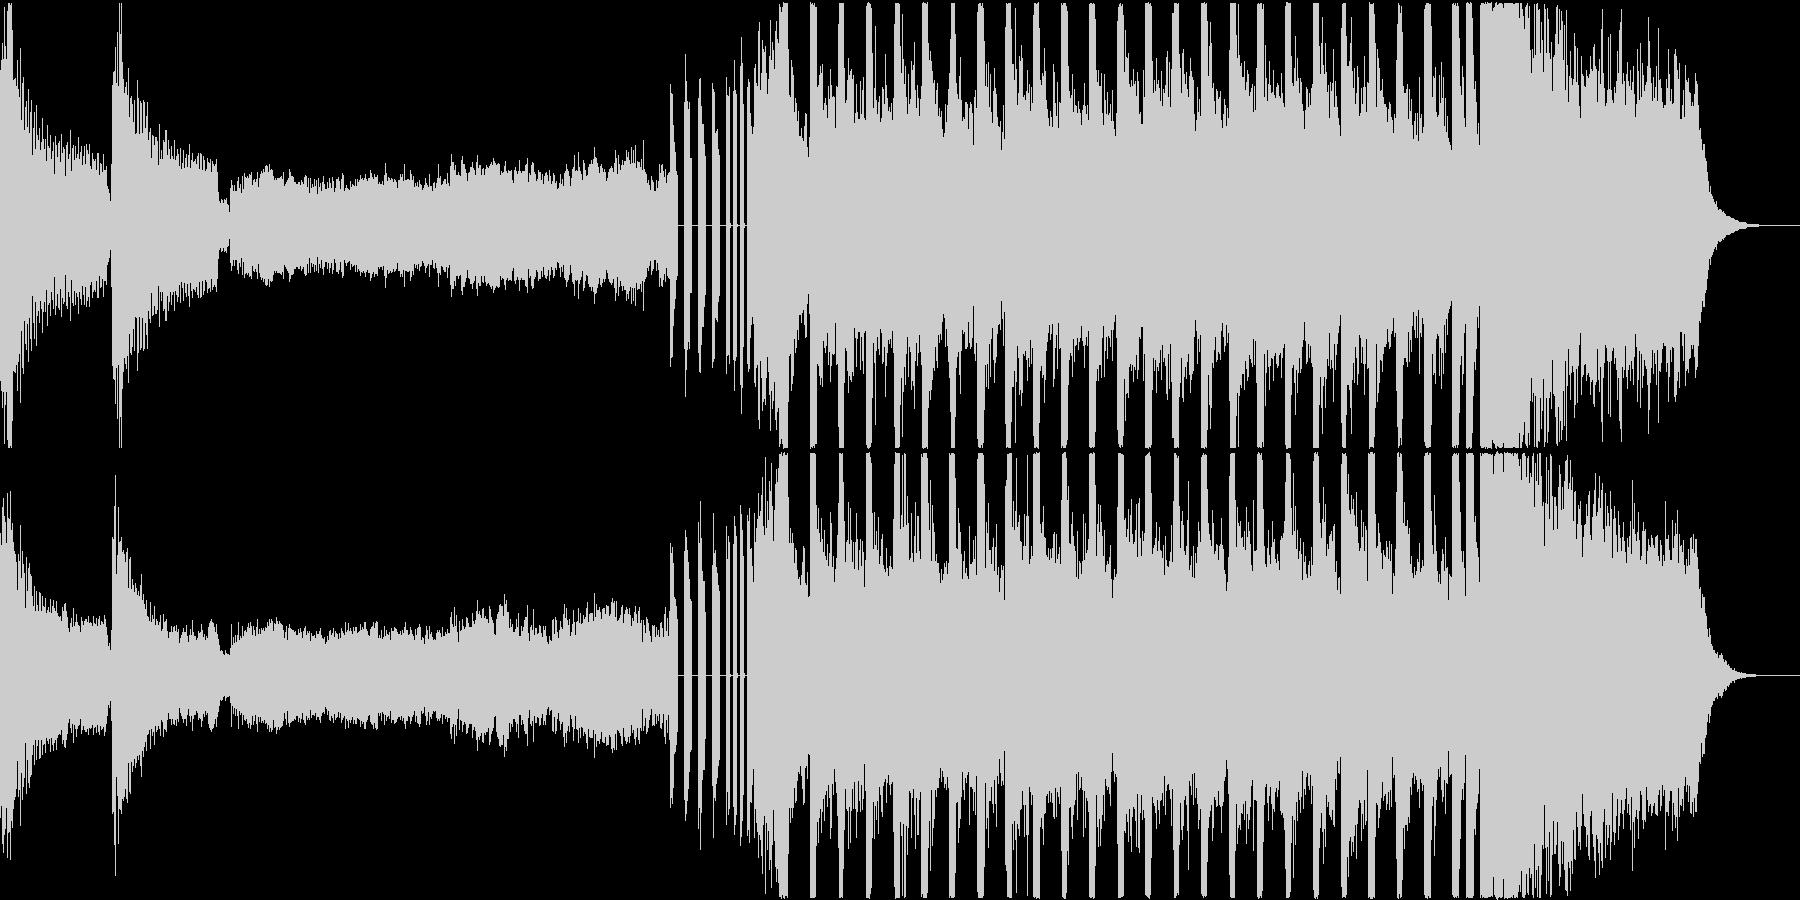 クラシック楽器とEDMの融合の未再生の波形